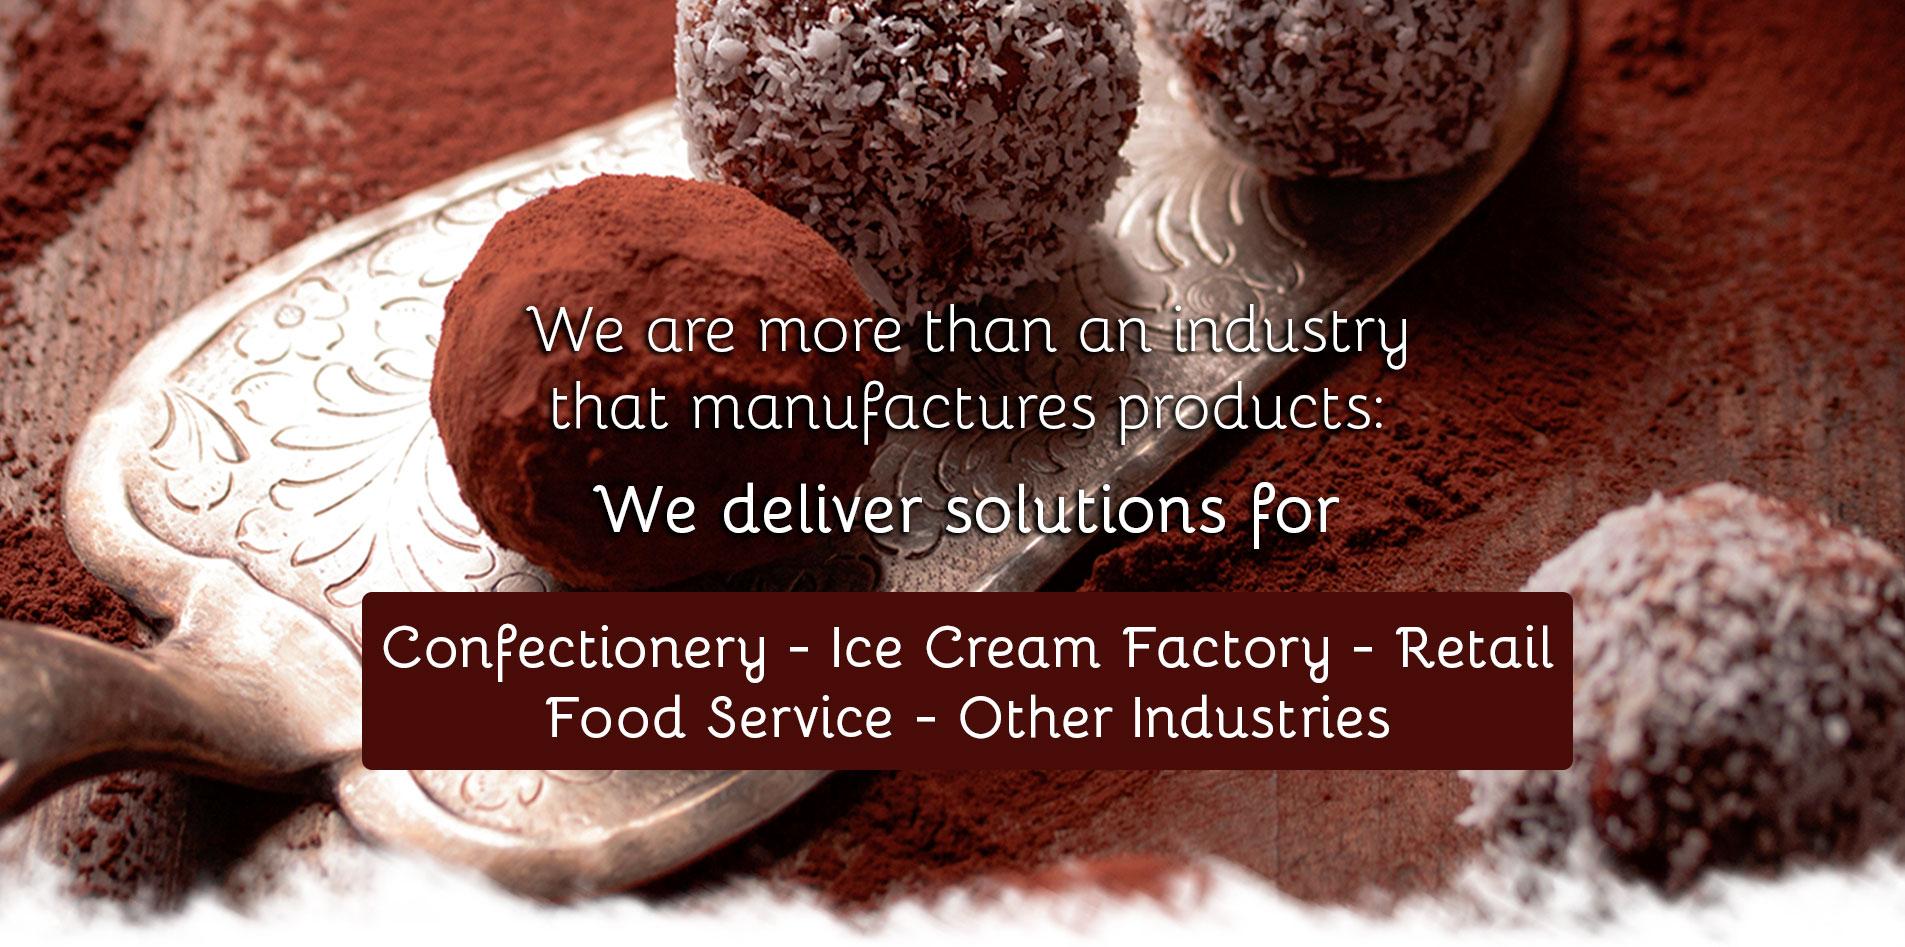 Somos mais que uma indústria